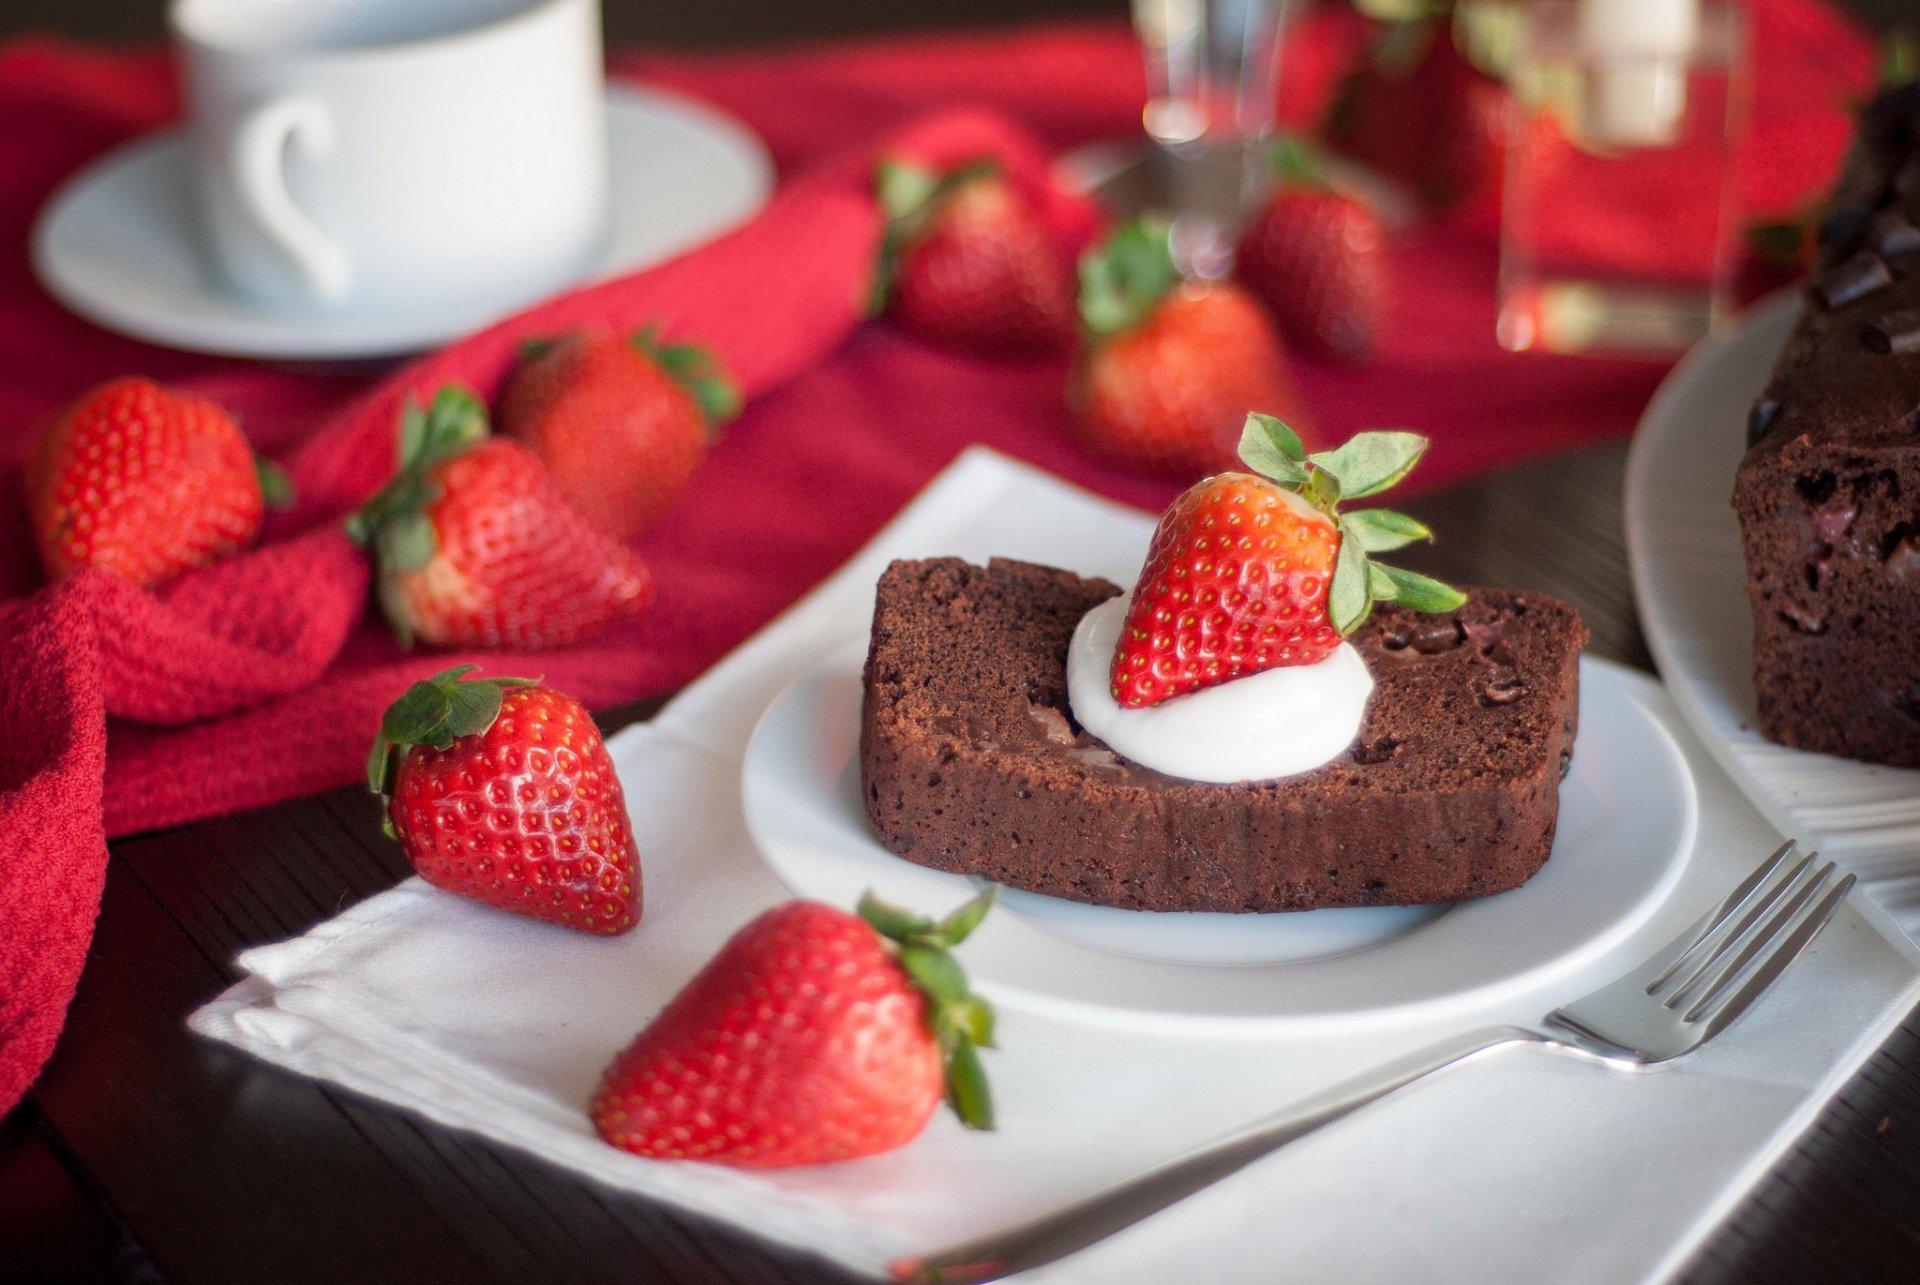 шоколадный брауни малина десерт пирожное скачать